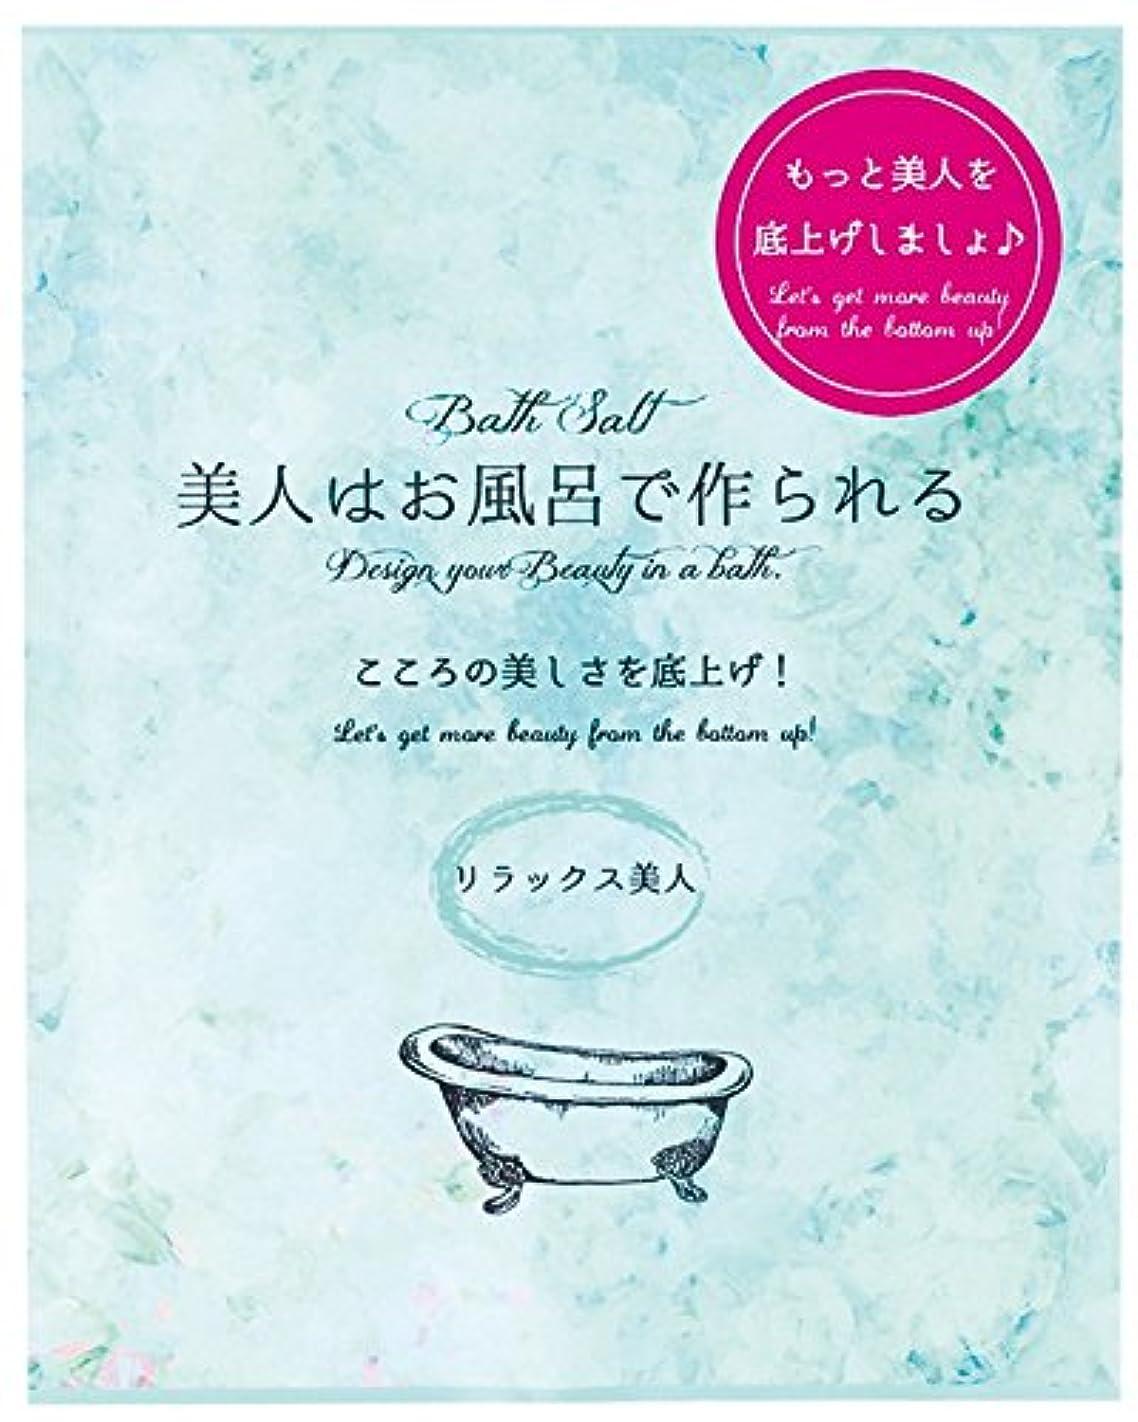 ニックネーム鎮痛剤縫い目ノルコーポレーション 入浴剤 セット 美人はお風呂で作られる バスソルト 55g 10包 乳白色 リラックス美人 OB-BZN-1-4